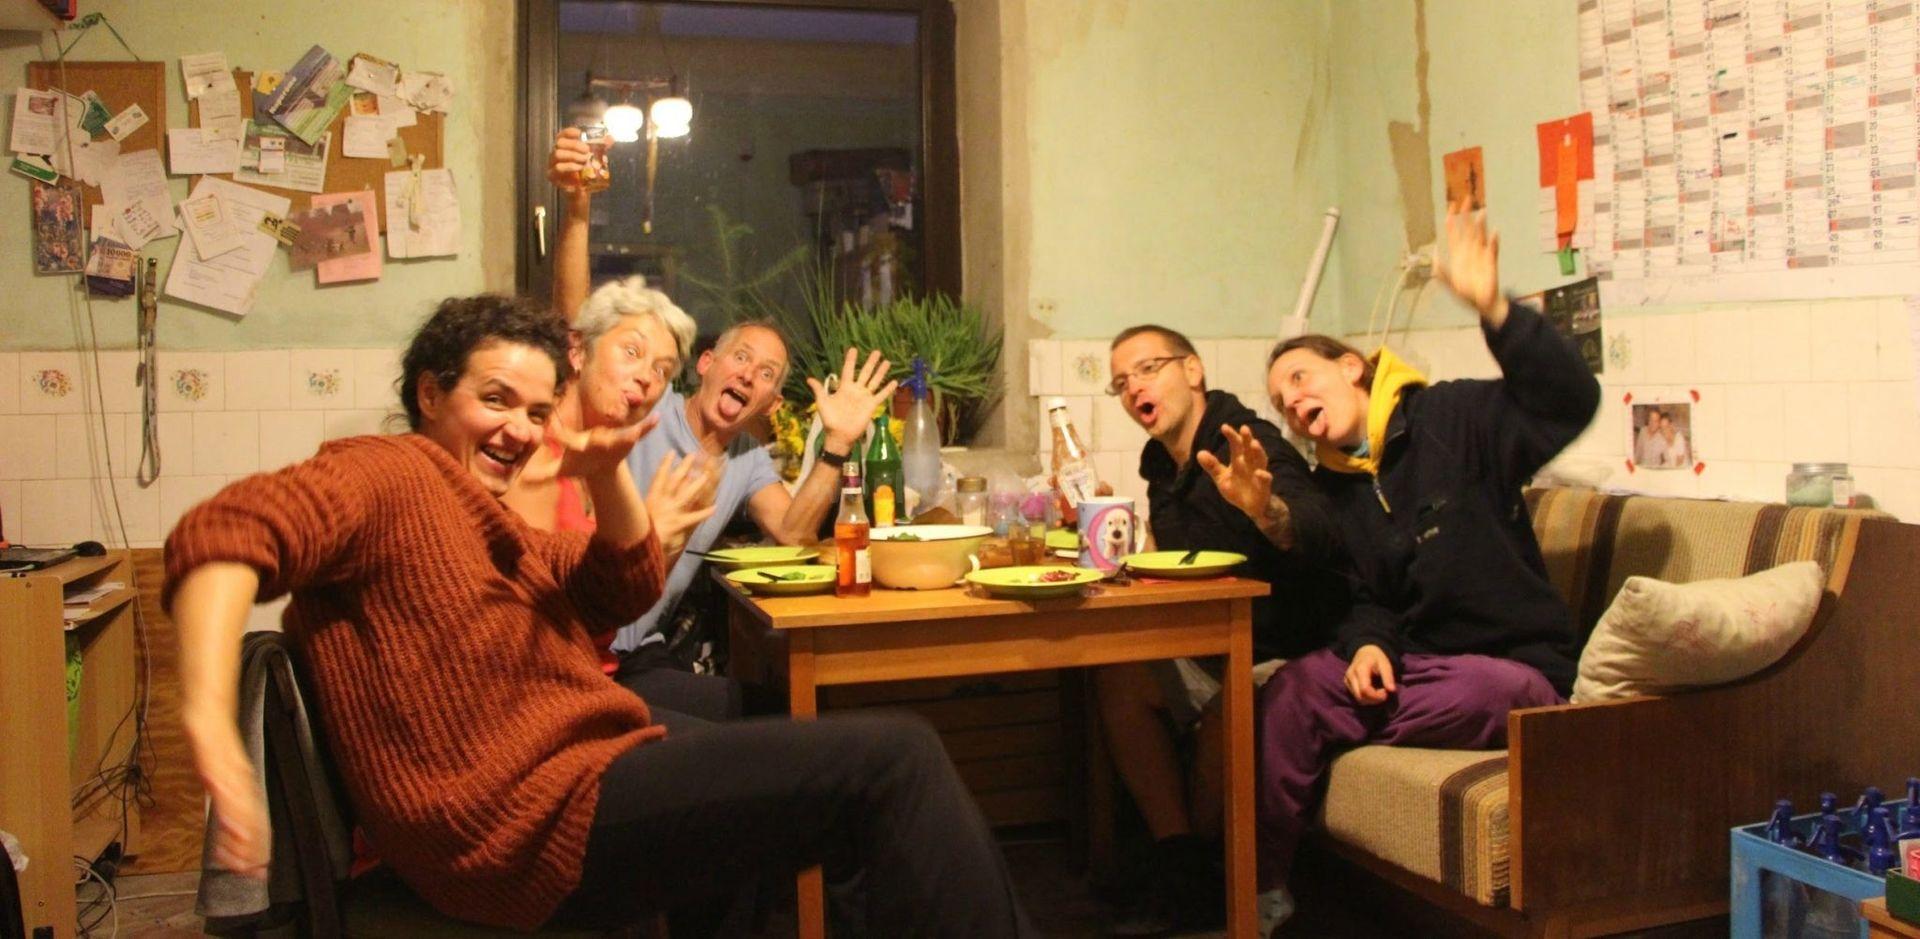 workaway host family fun